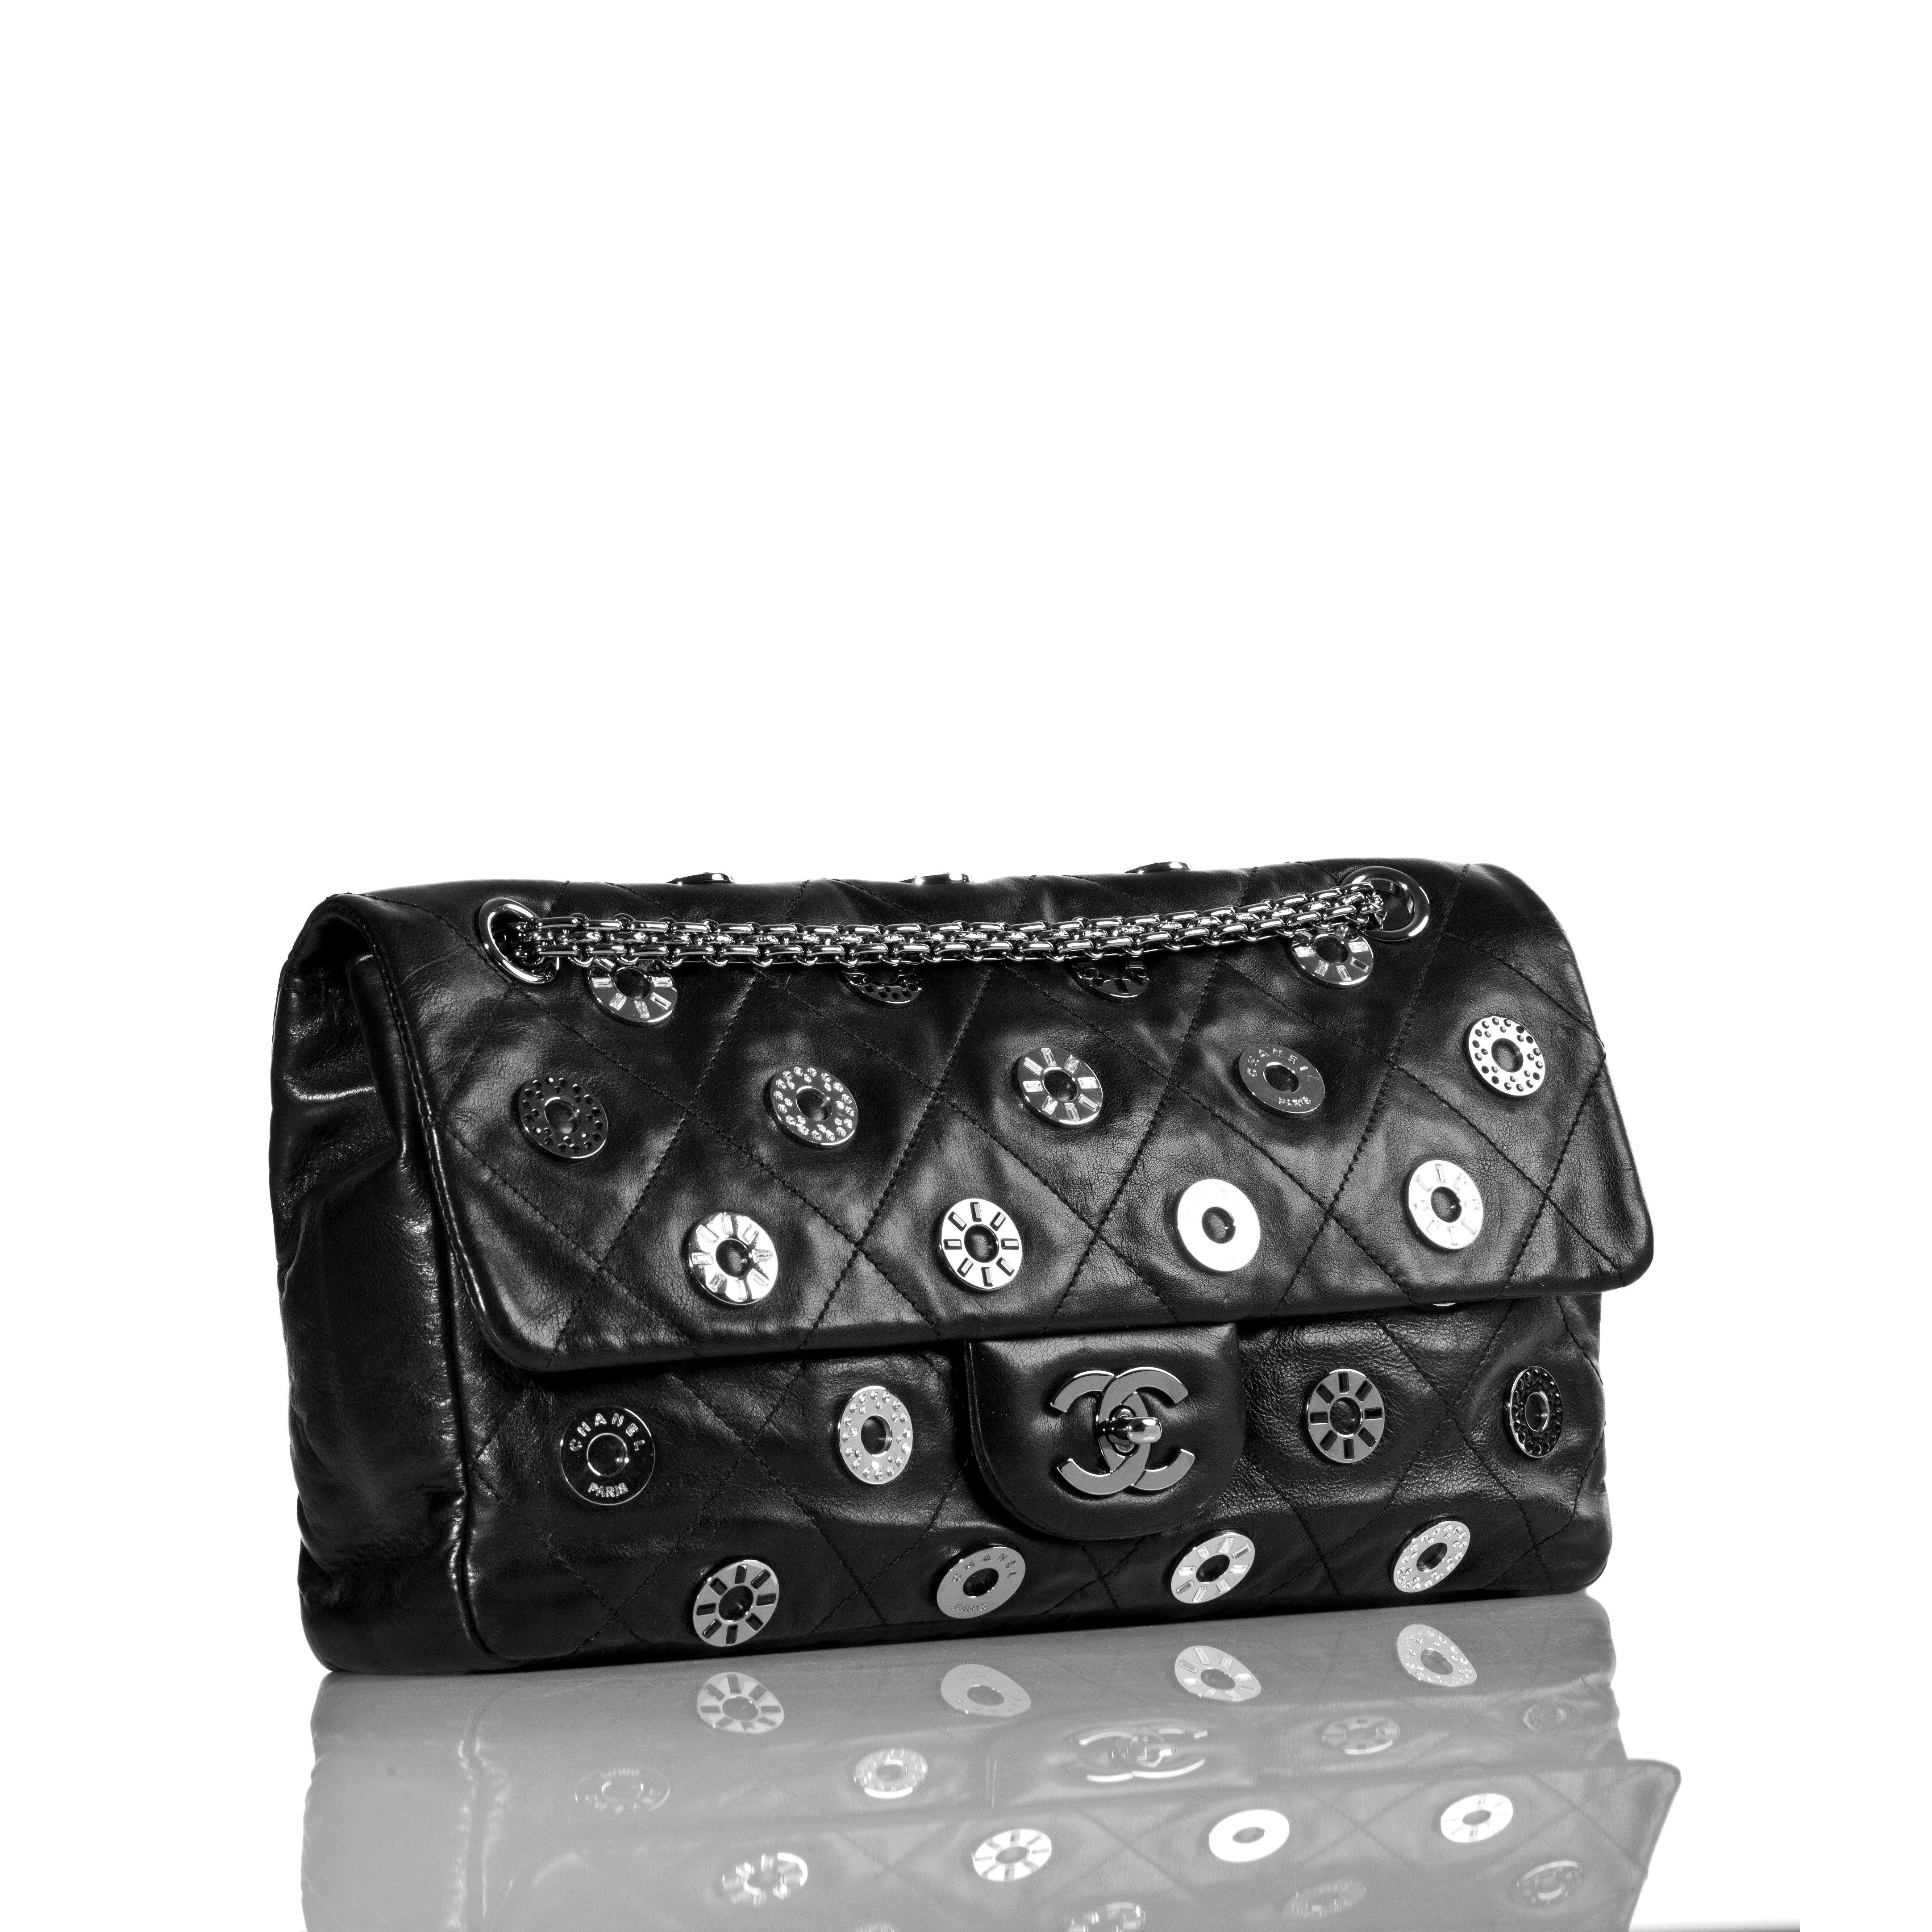 Chanel handbag superb vintage chanel bag vintage leather - Chanel Limited Edition Flap Bag With Swarovski Crystal Accents